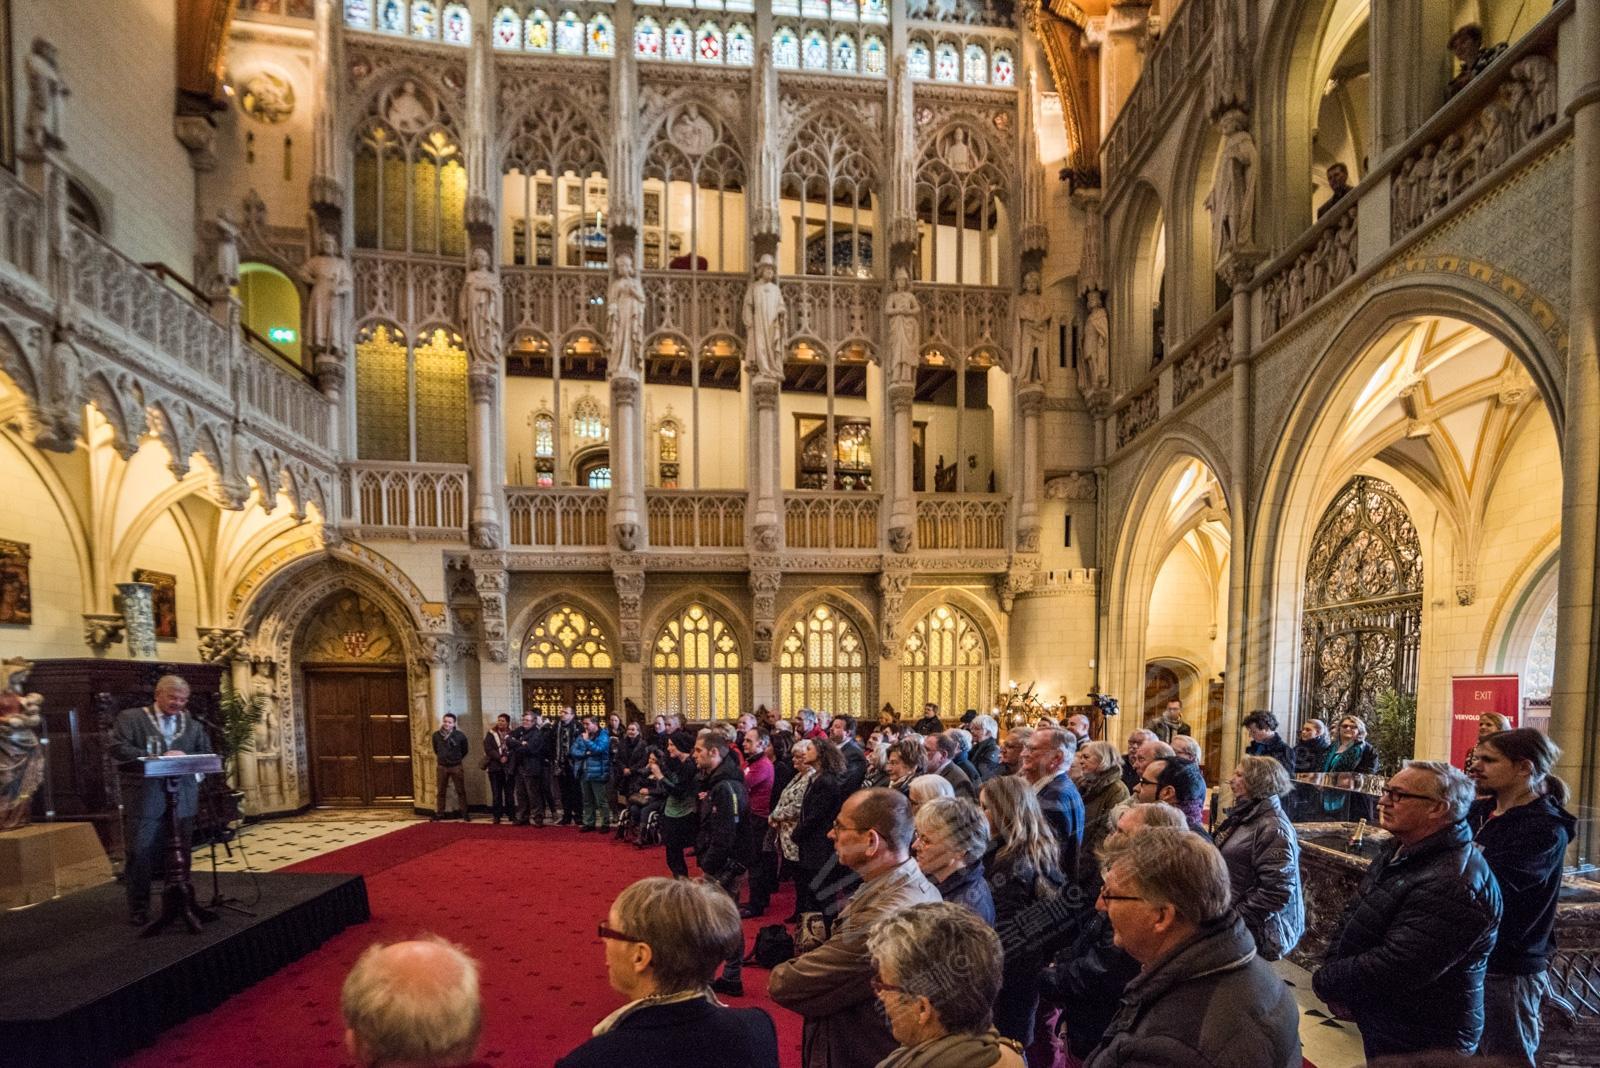 荷蘭德哈爾城堡動態:荷蘭德哈爾城堡 Main Hall 過往案例,荷蘭新哥特式建